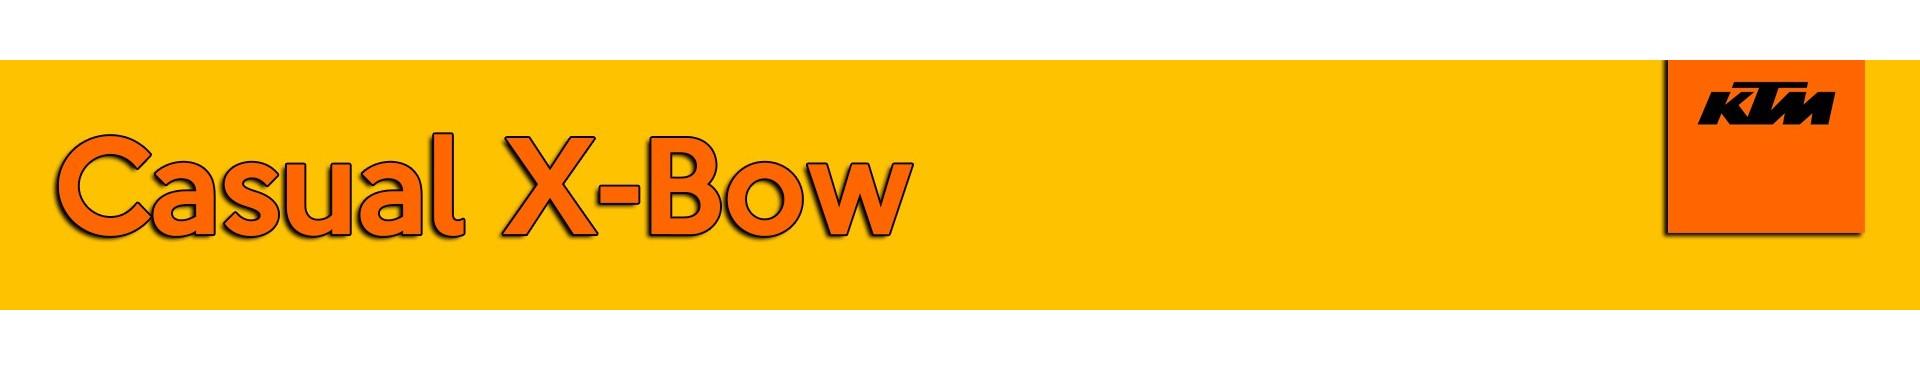 X-Bow